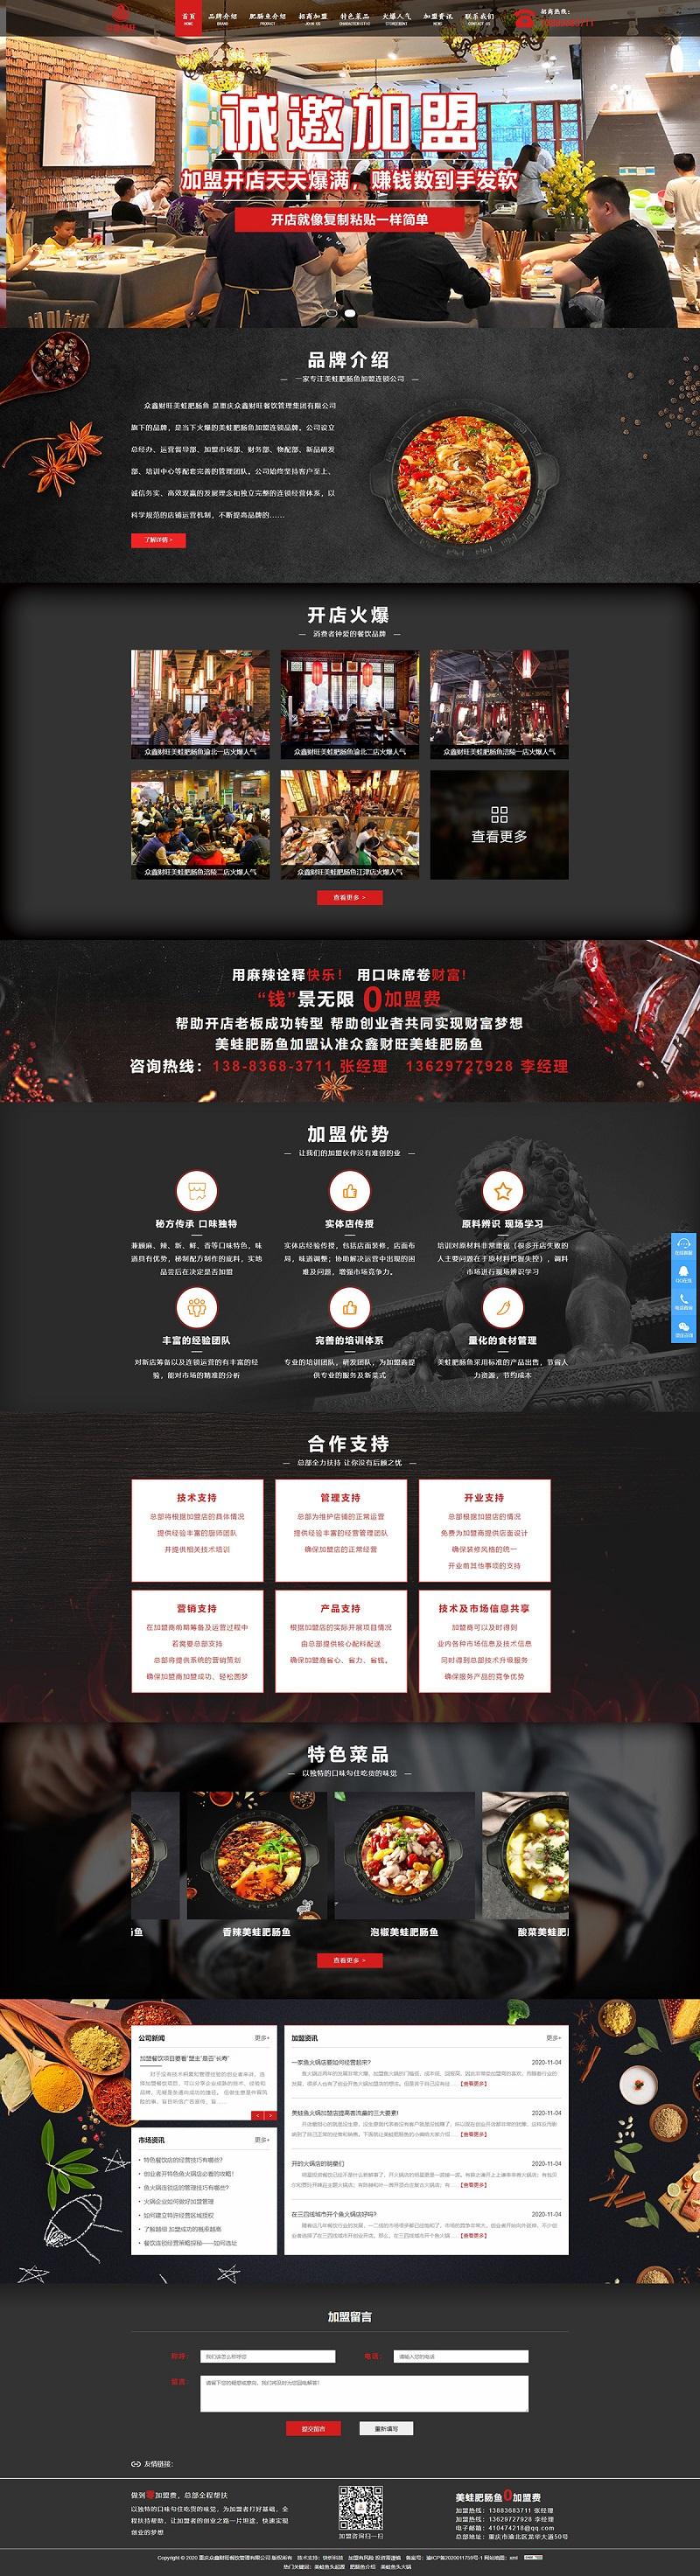 众鑫财旺餐饮管理集团有限公司网